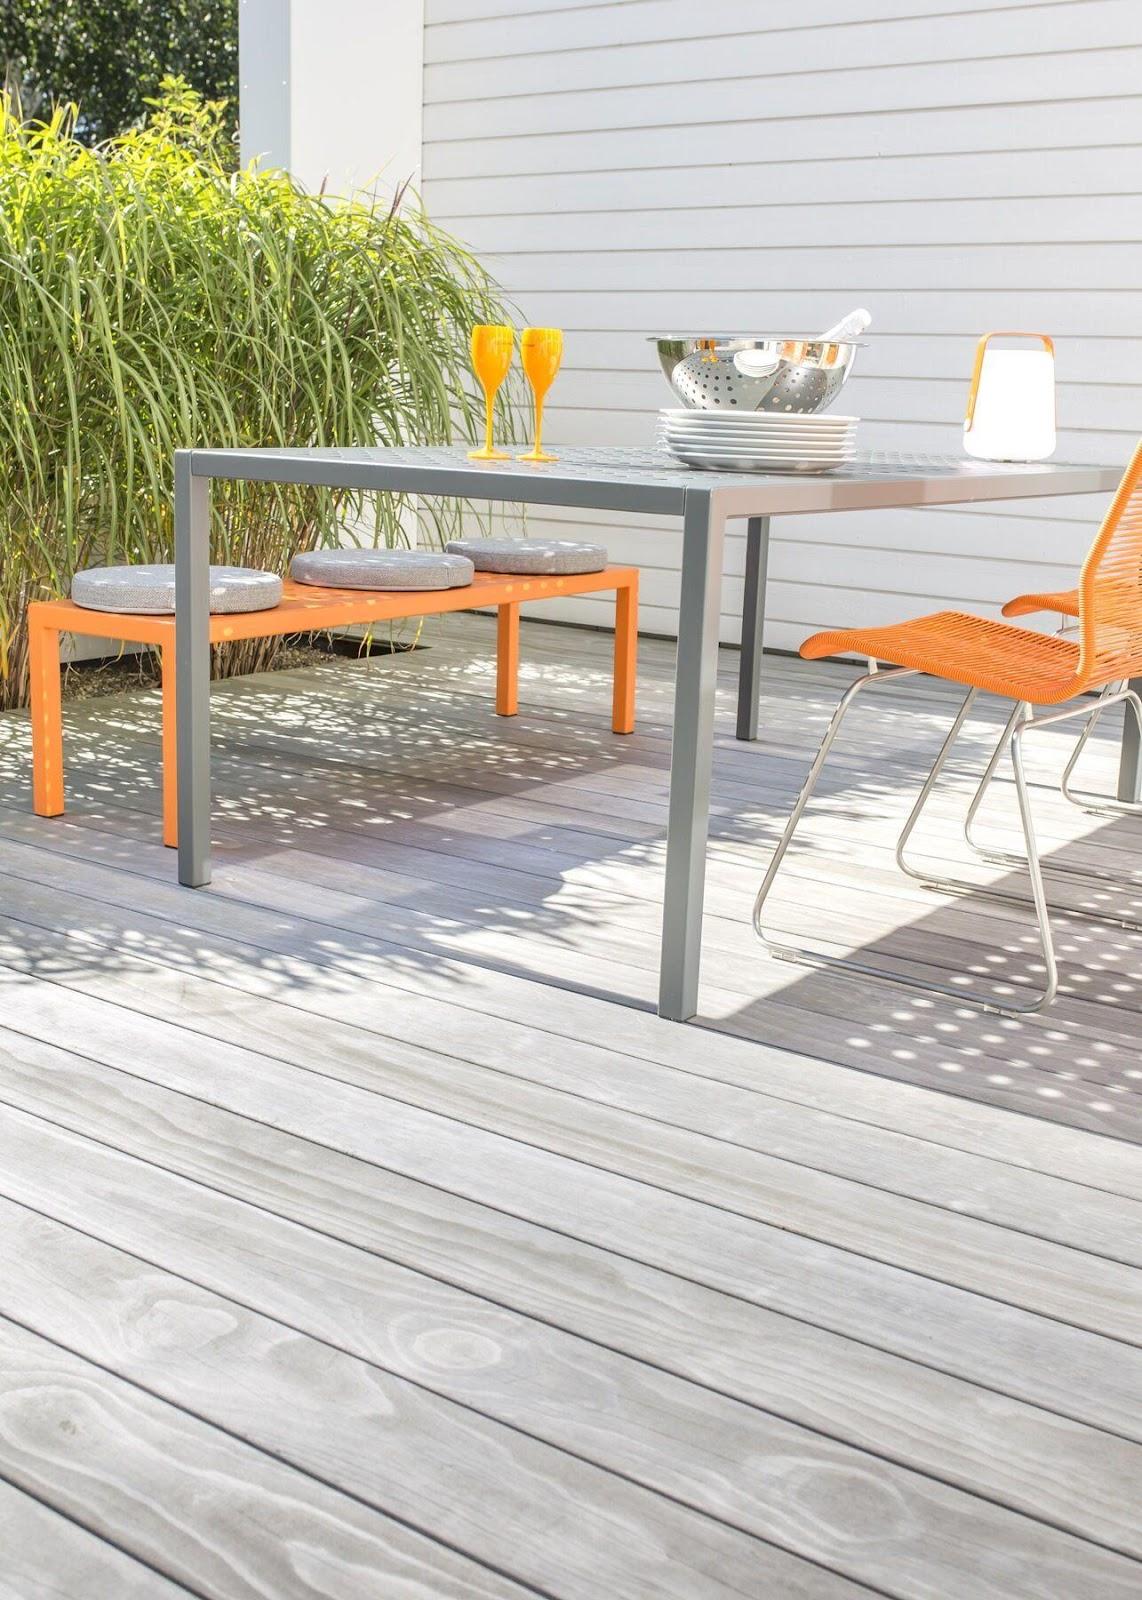 Orange siddemøbler er perfekte til at bryde en grå, brun eller hvid tagterrasse op